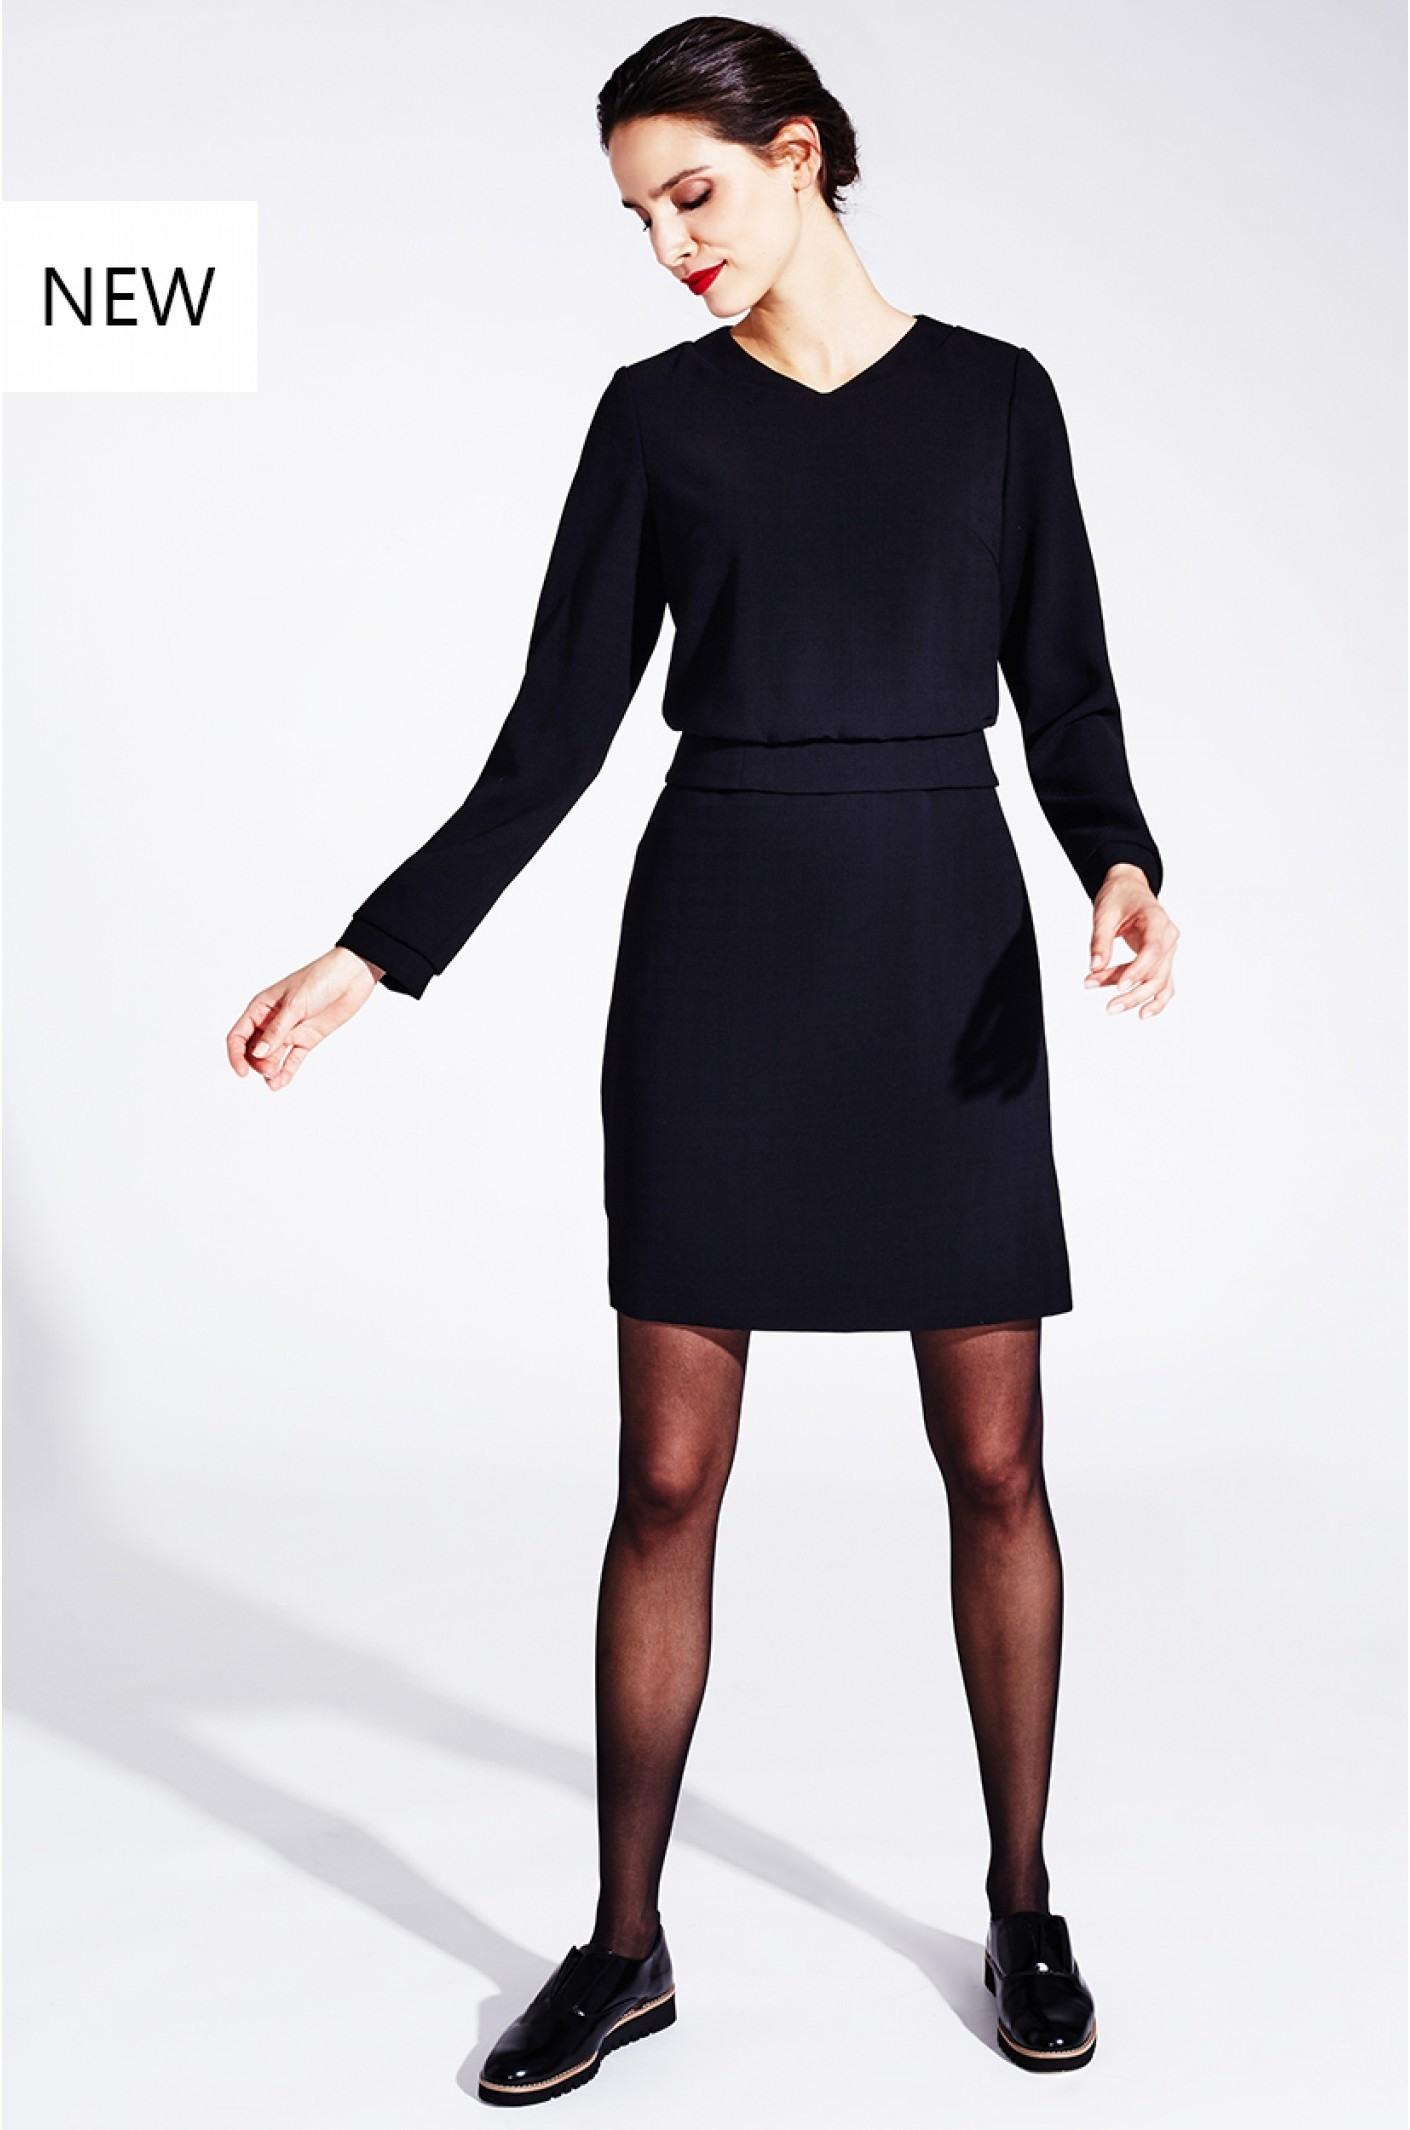 Genial Schwarzes Langarm Kleid für 201915 Genial Schwarzes Langarm Kleid Stylish